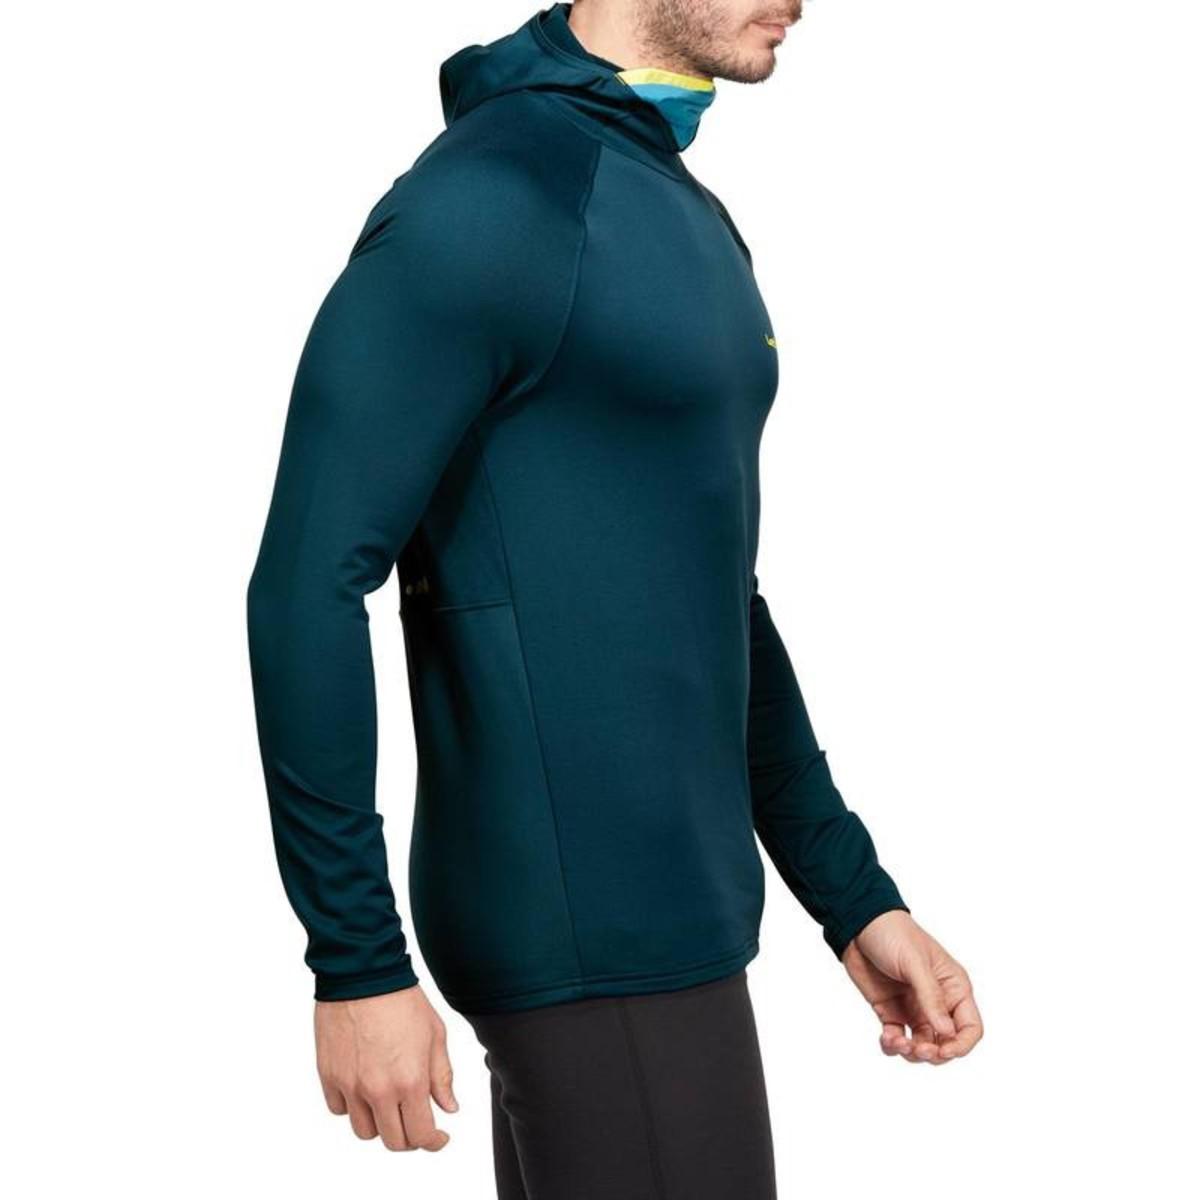 Bild 4 von WED´ZE Skiunterwäsche Funktionsshirt Freshwarm Neck Herren blau , Größe: S